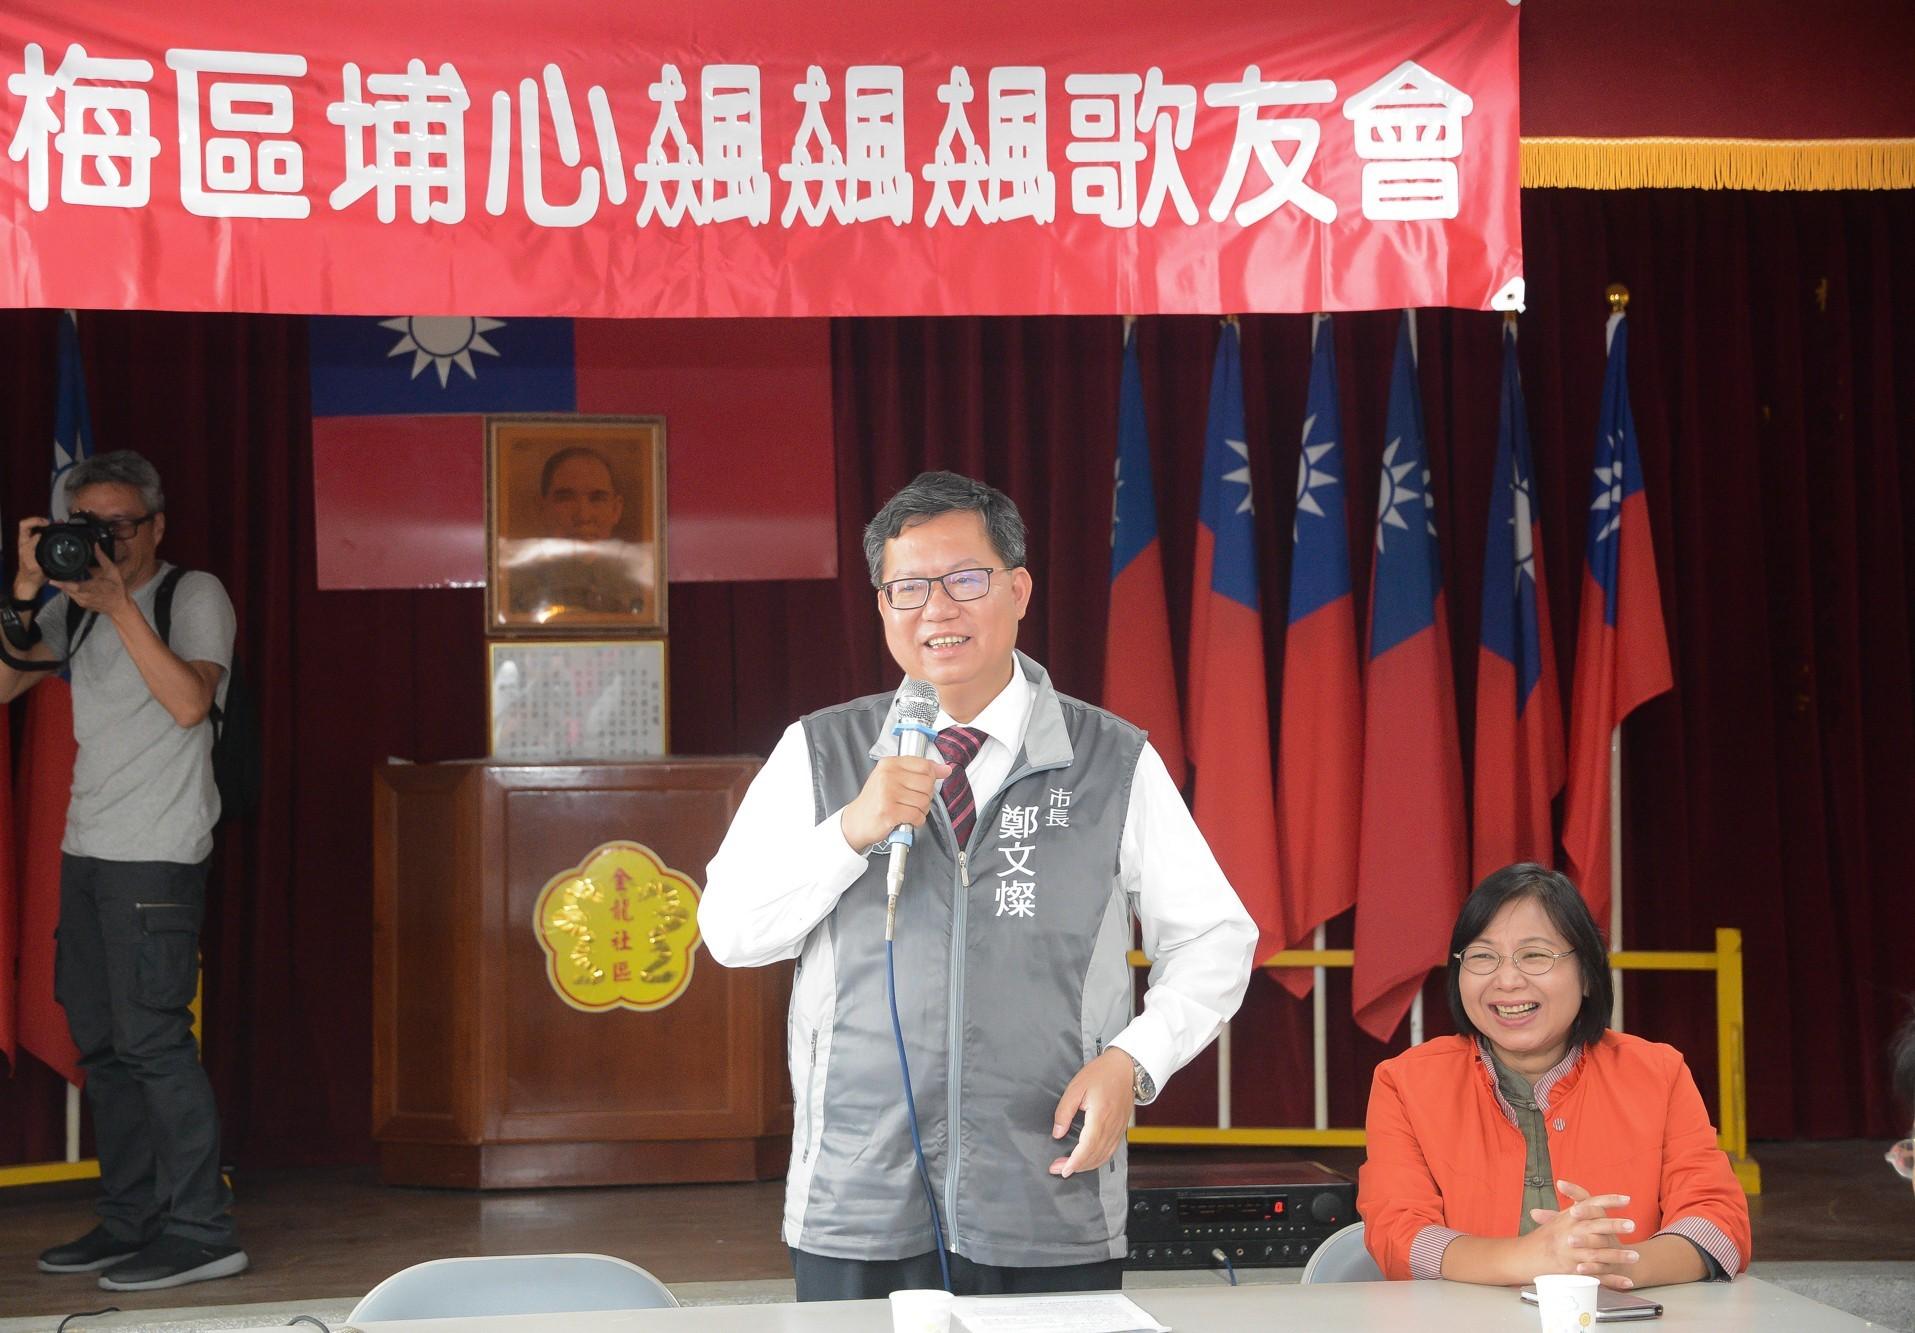 市長致詞表示,藉由桃園眷村文化節,吸引更多市民朋友前來體驗眷村文化